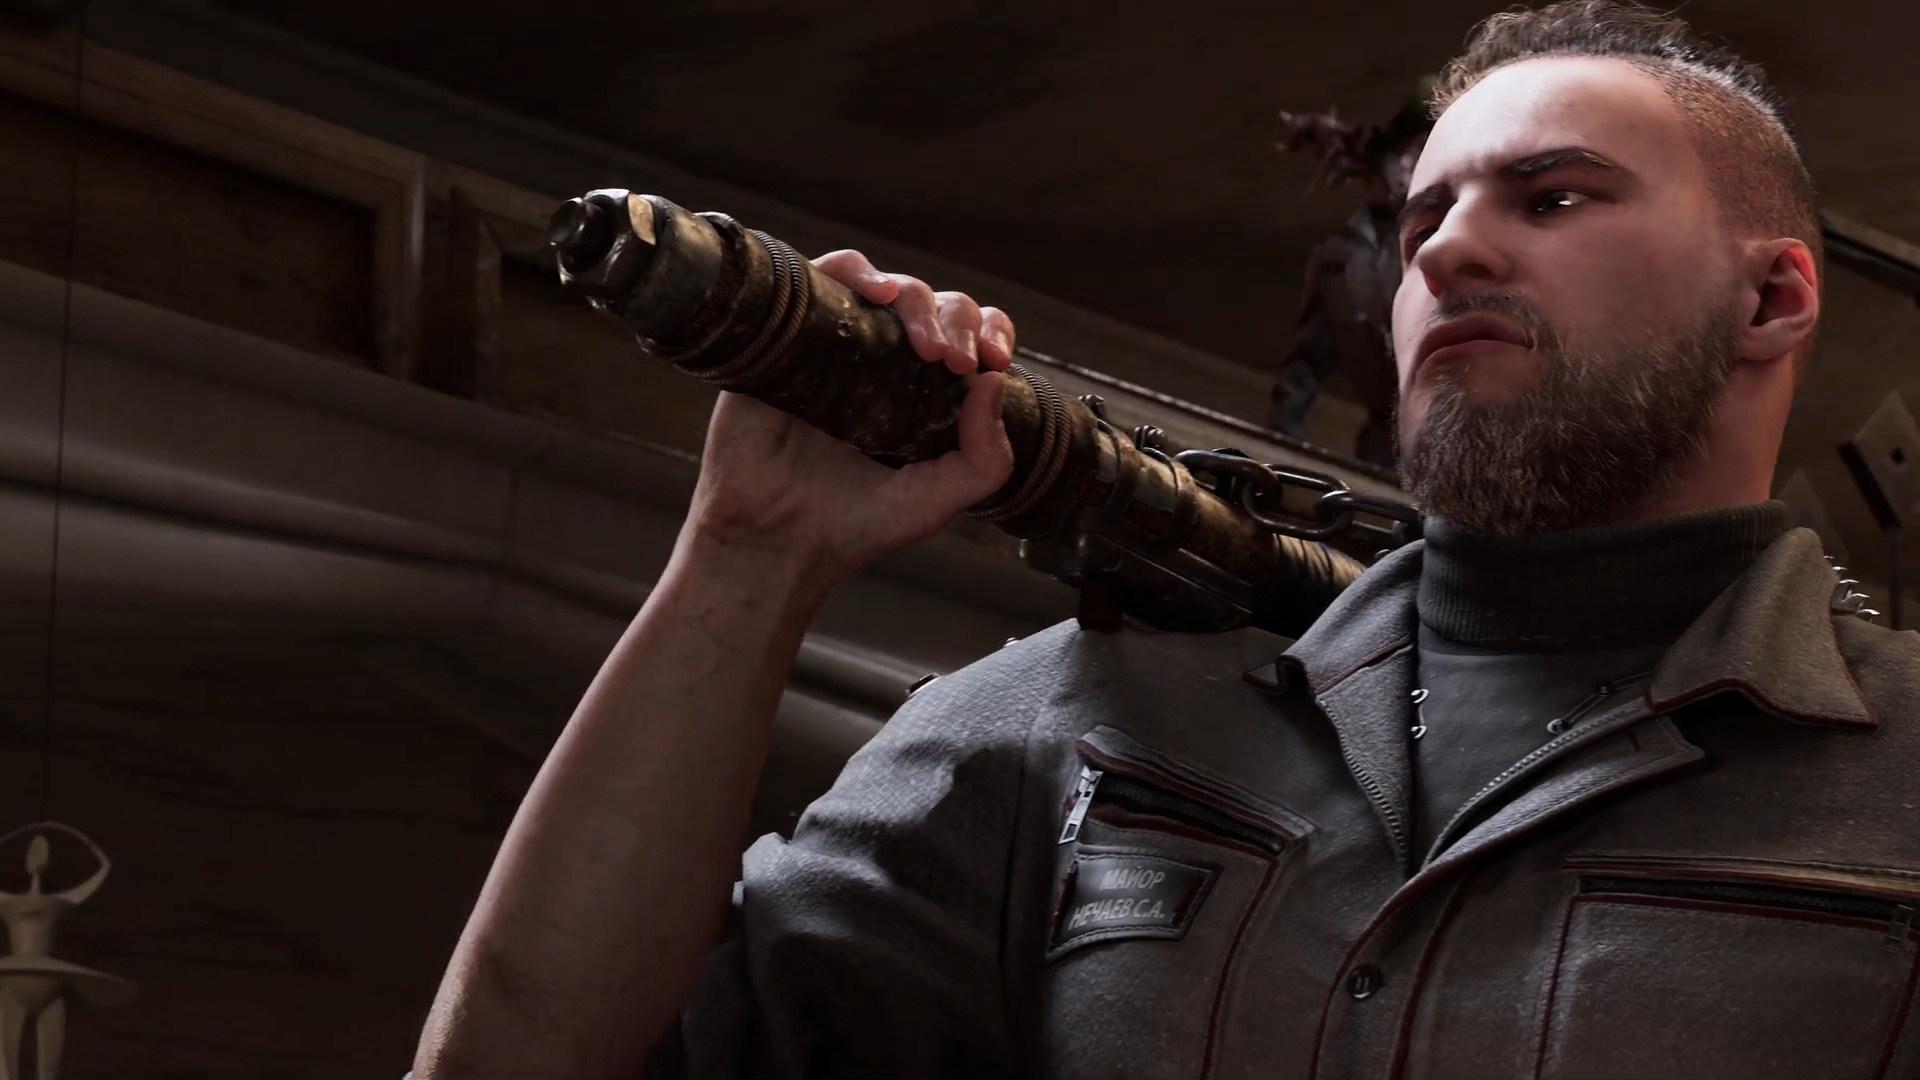 Trailer, Ego-Shooter, Shooter, Nvidia, Ego Shooter, RTX, egoshooter, GeForce RTX, Atomic Heart, Mundfish